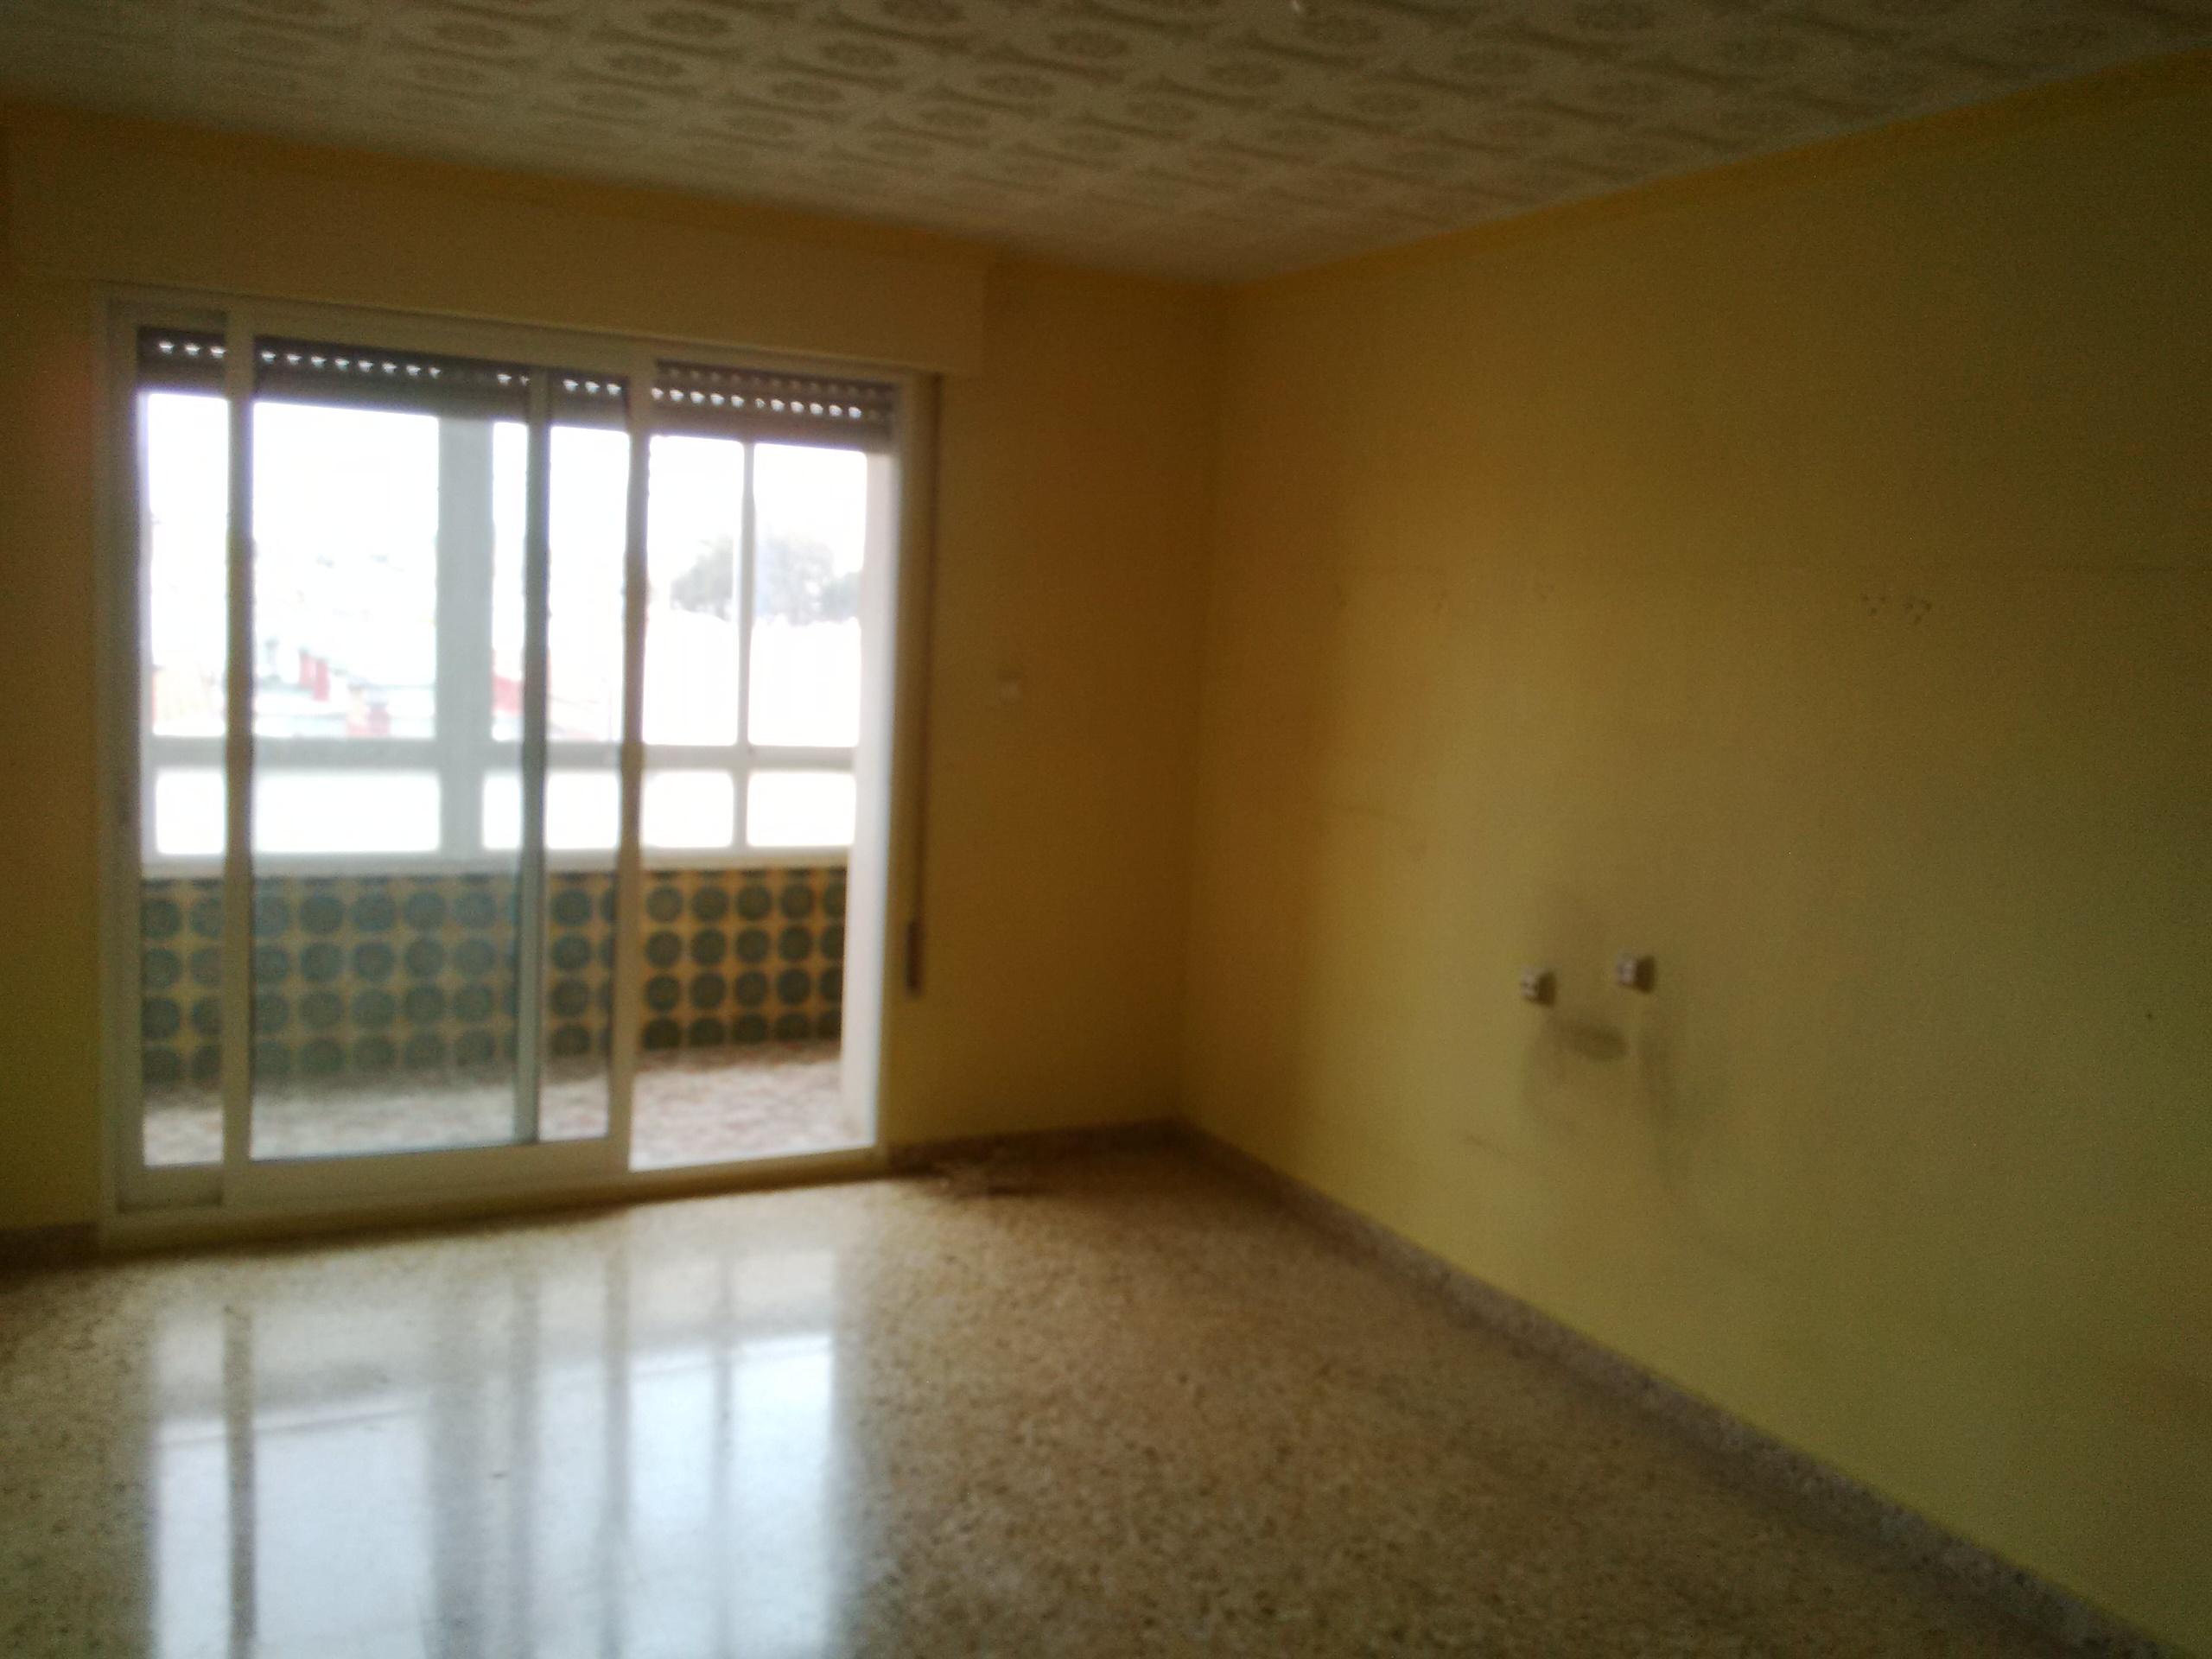 Piso en venta en Cartagena, Murcia, Carretera la Media Sala, 79.000 €, 4 habitaciones, 1 baño, 114 m2